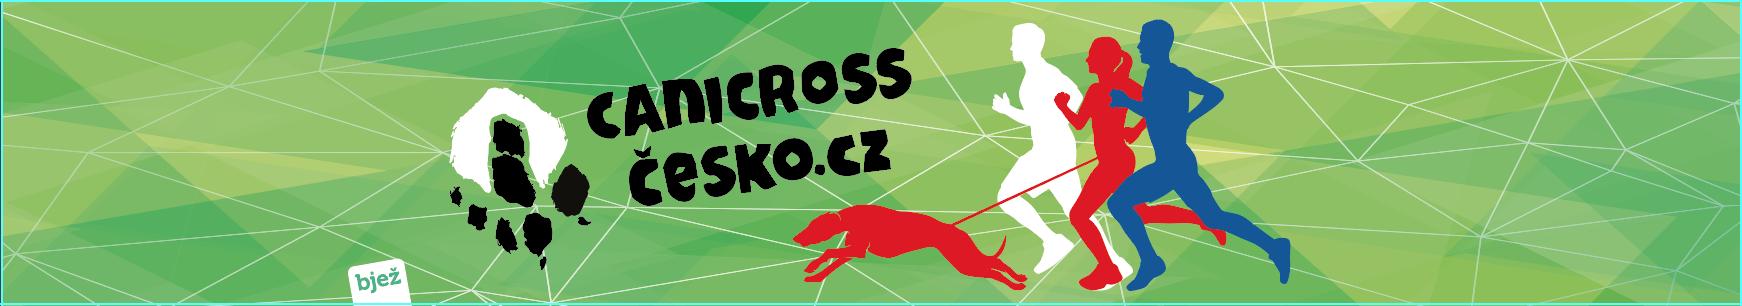 Čelenka Canicross Česko/ Bjež Letní 00067